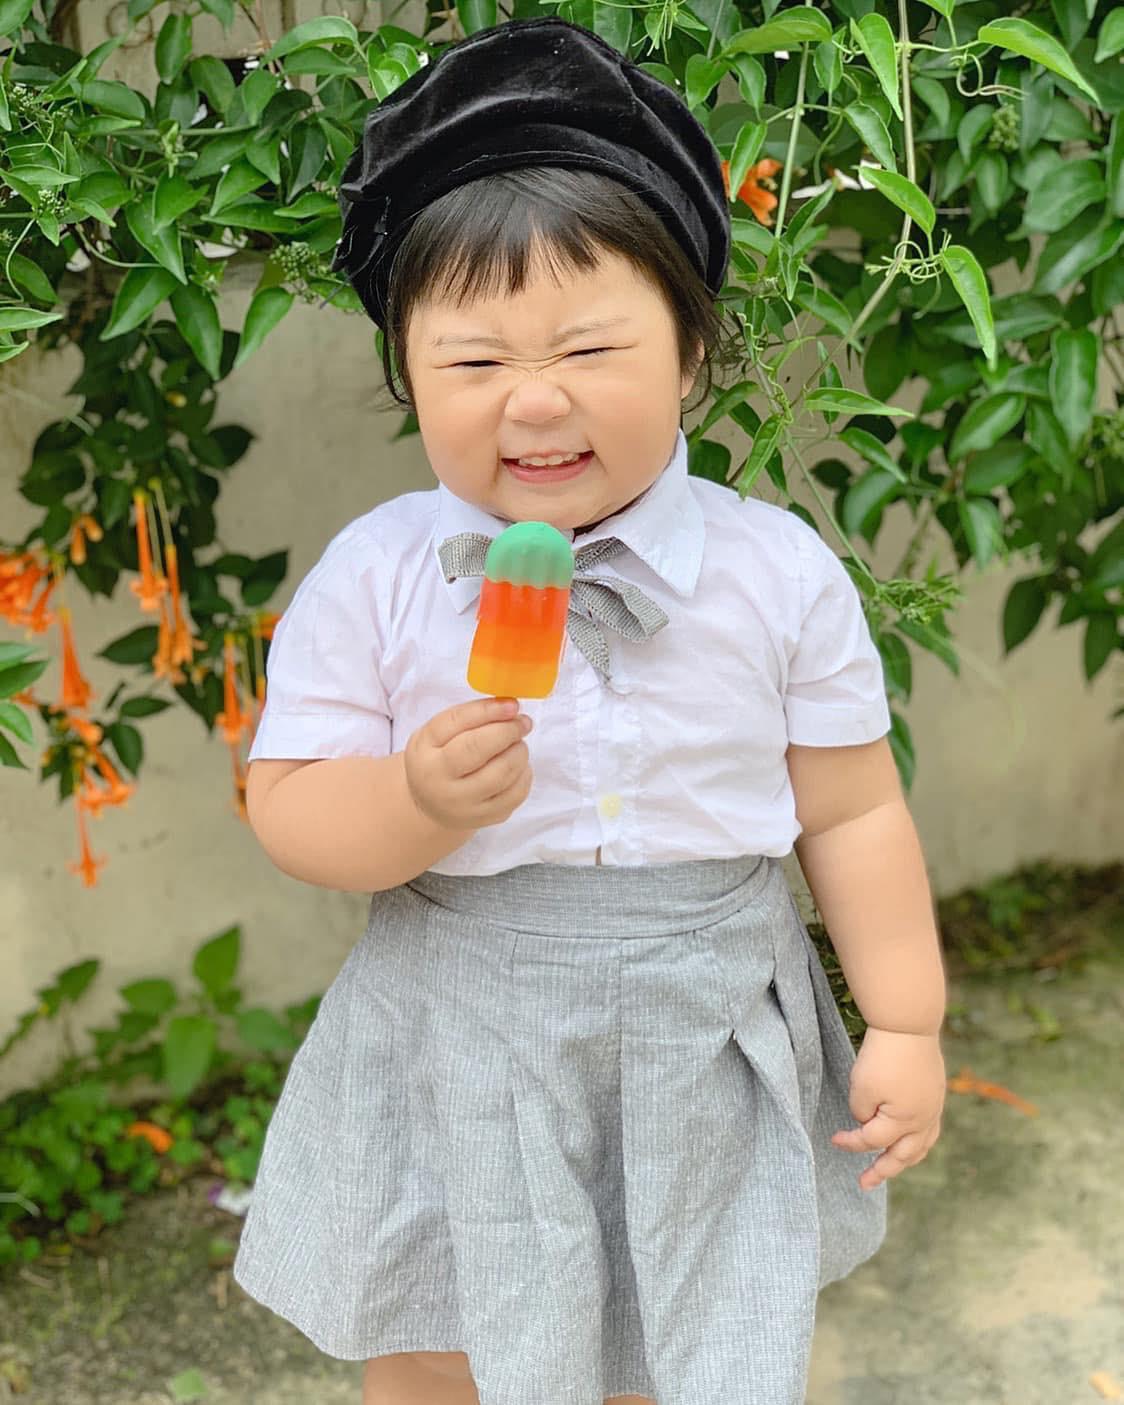 Mẹ trẻ tiết lộ bí quyết nuôi con thích ăn rau nhưng lại bụ bẫm, khỏe mạnh, chưa 1 lần dùng đến kháng sinh - Ảnh 8